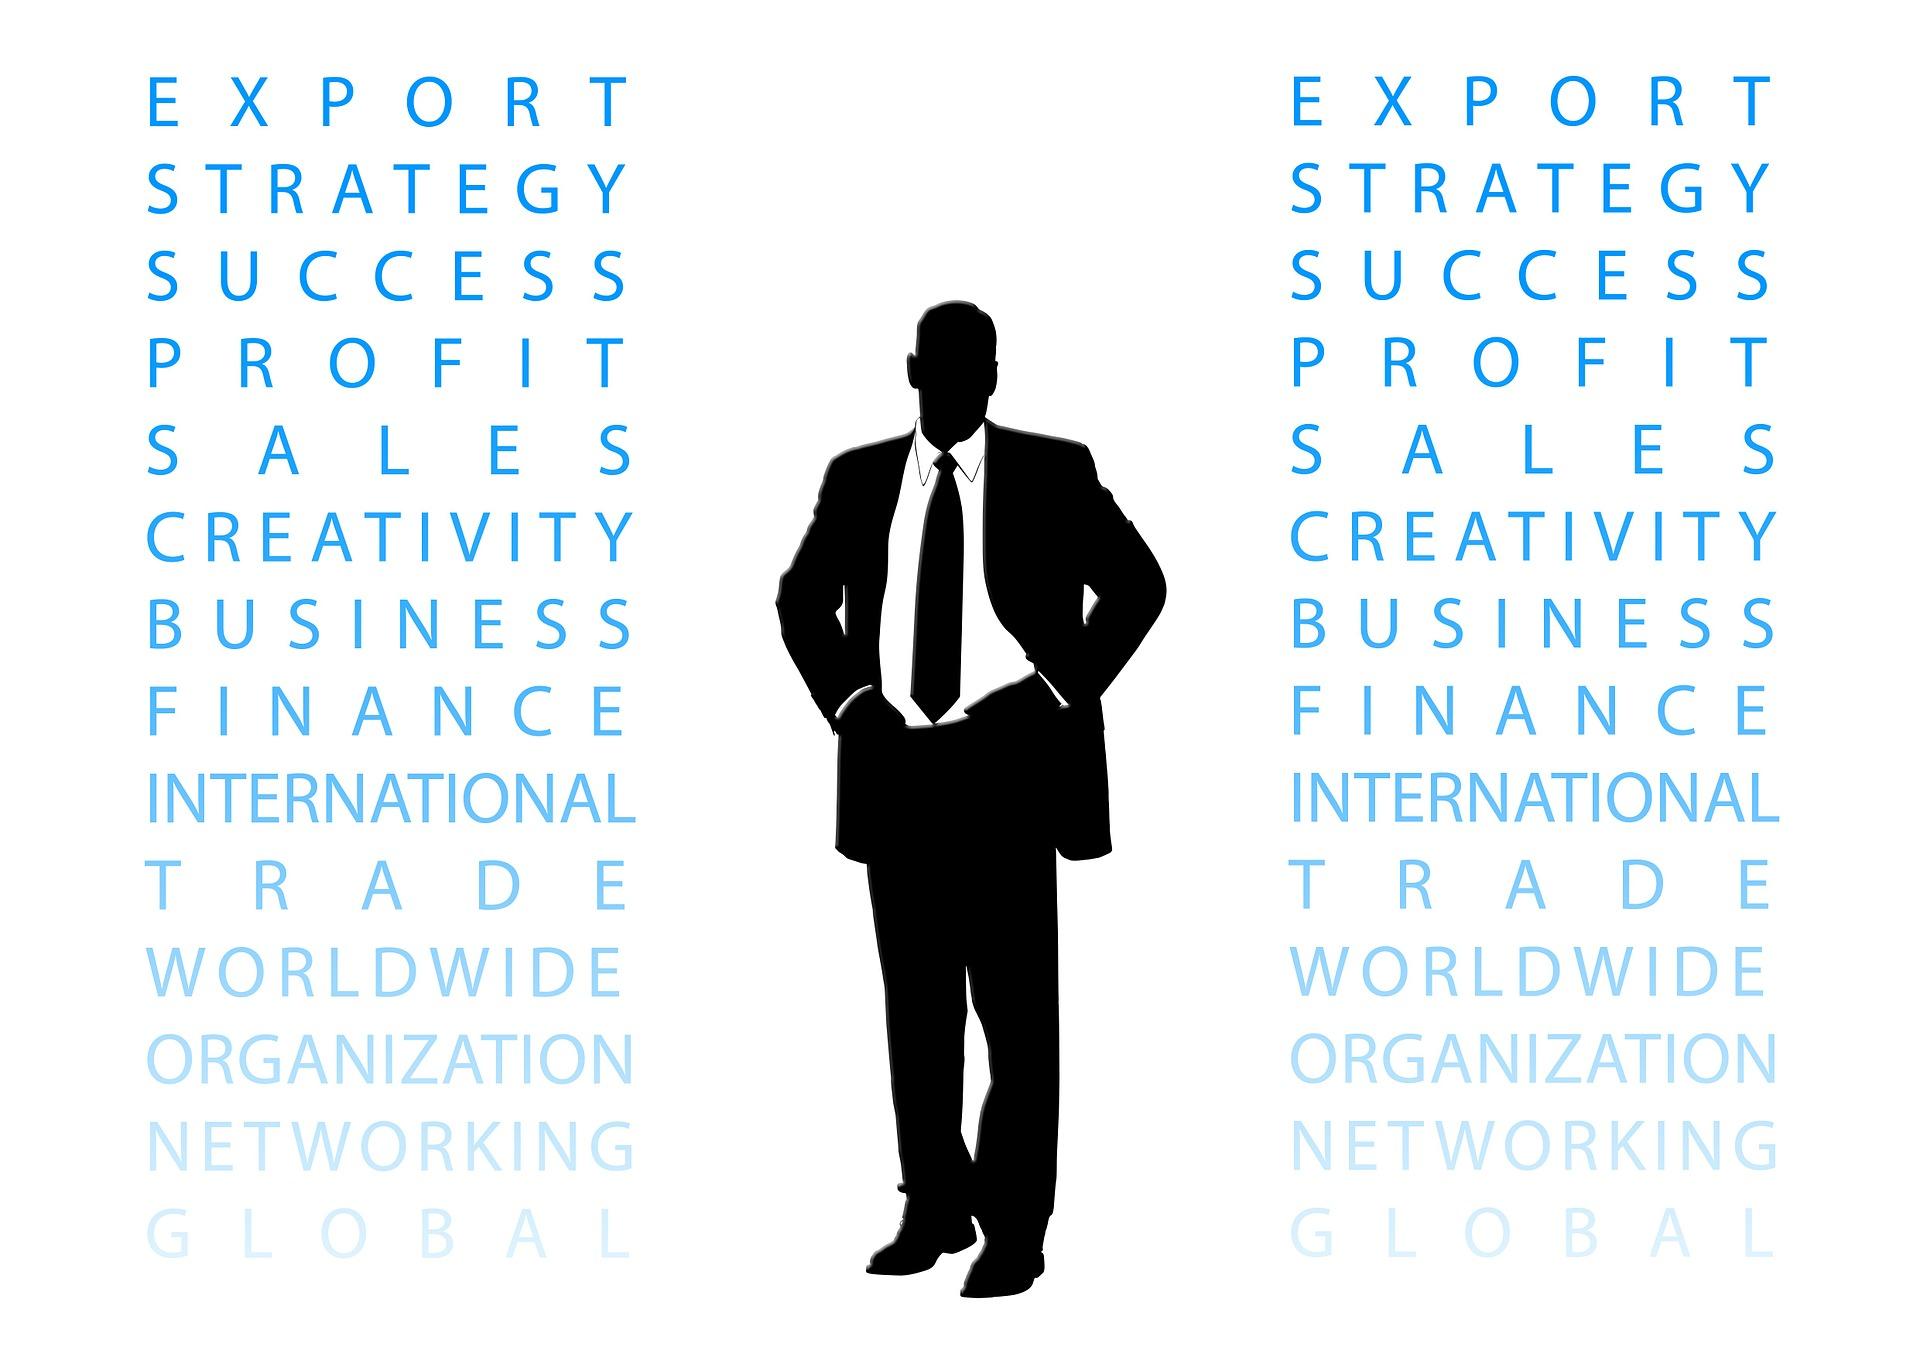 A exportação pode ser uma estratégia mais efetiva comparada às alternativas de gestão tradicionais